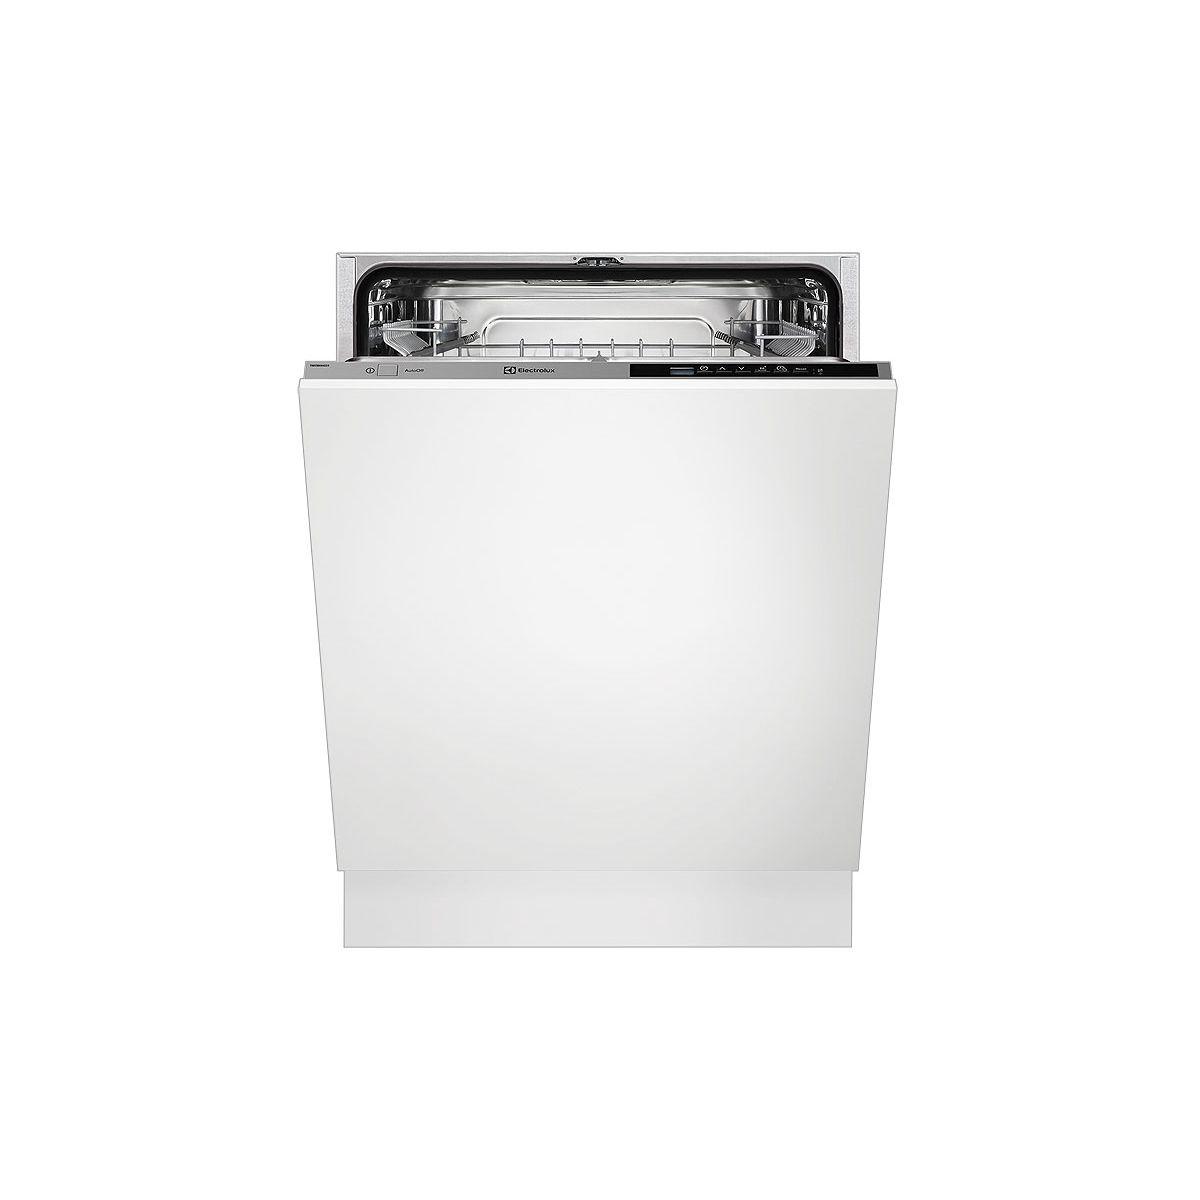 Lave vaisselle encastrable ELECTROLUX ESL5361LB